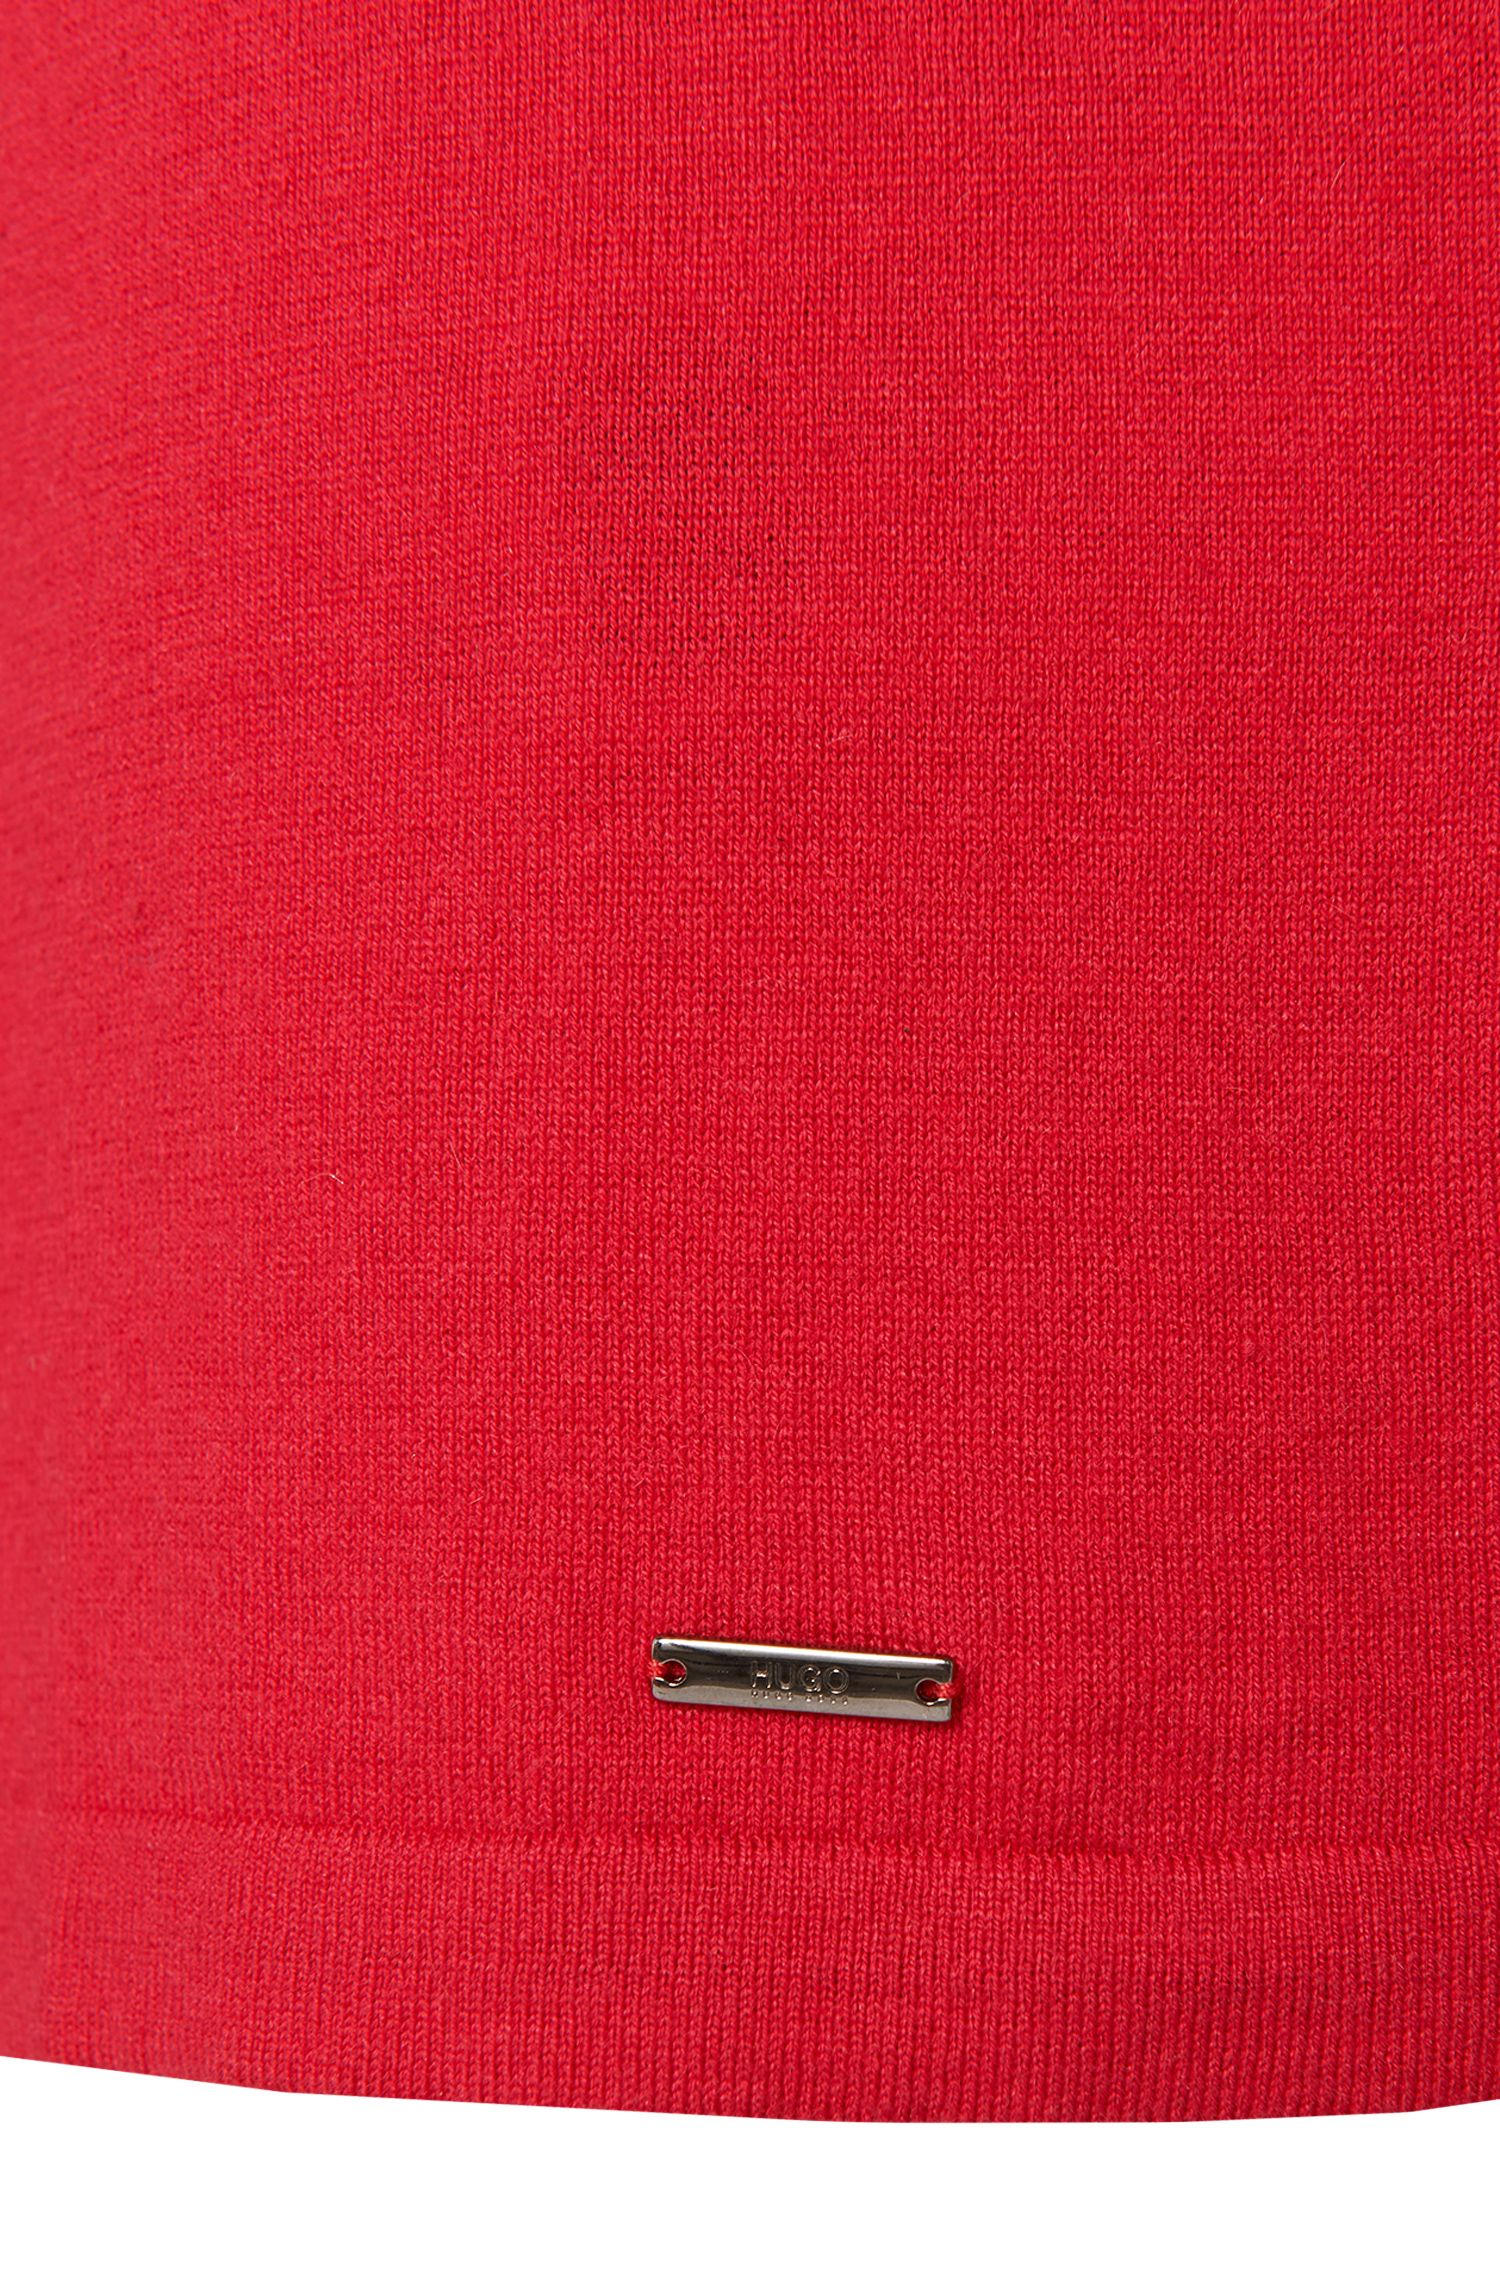 Feinstrick-Pullover aus Baumwoll-Mix mit Seiden- und Kaschmiranteil: 'Sorinus'